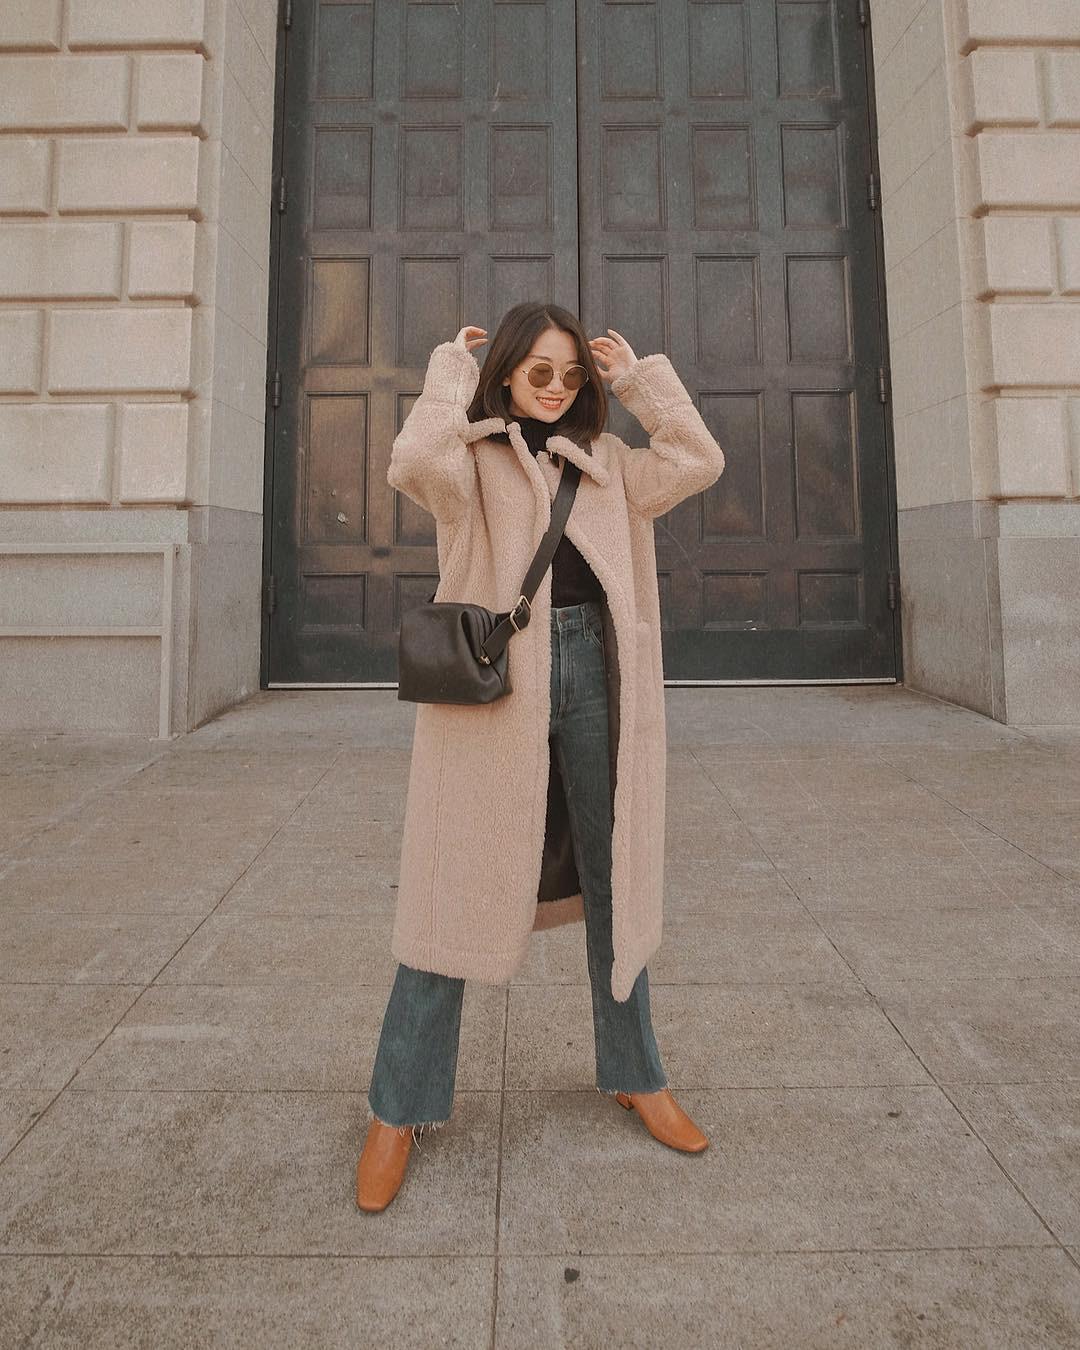 Bộ đôi áo khoác dài + quần ống rộng chẳng những không kén dáng mà còn biến mọi nàng thành quý cô sành điệu - Ảnh 6